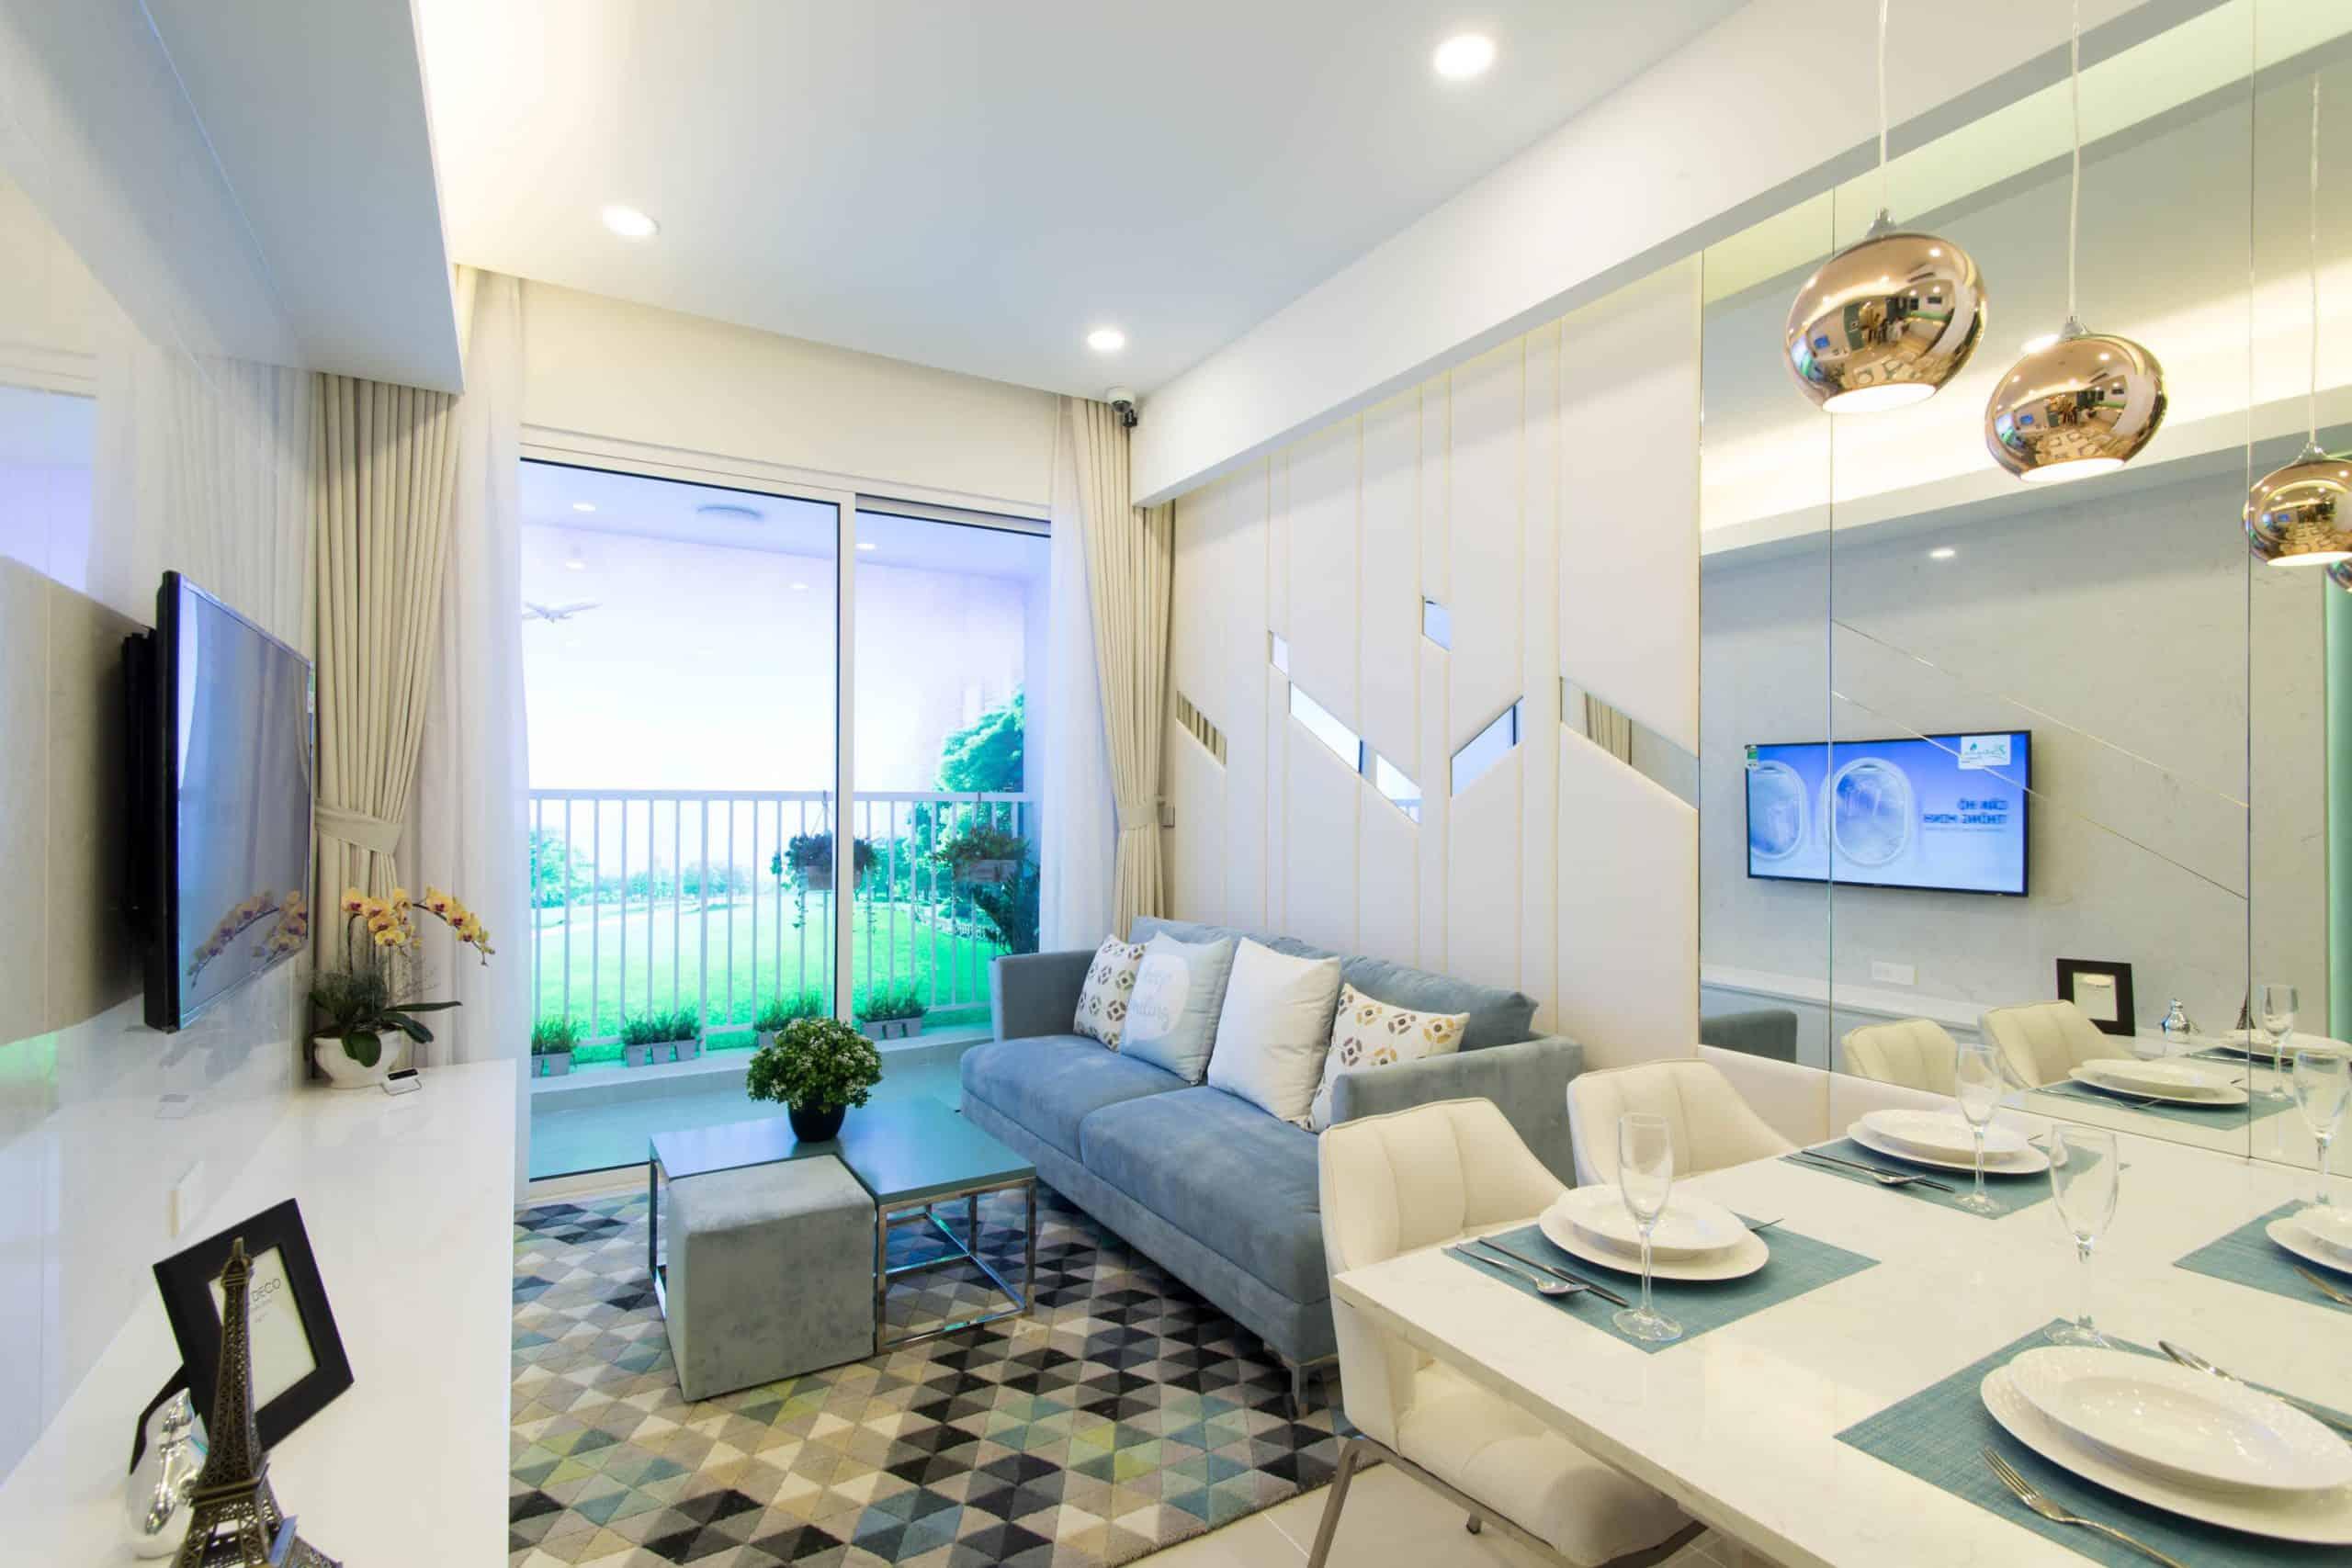 Căn hộ cao cấp Astral City xu thế đầu tư tại Thuận An